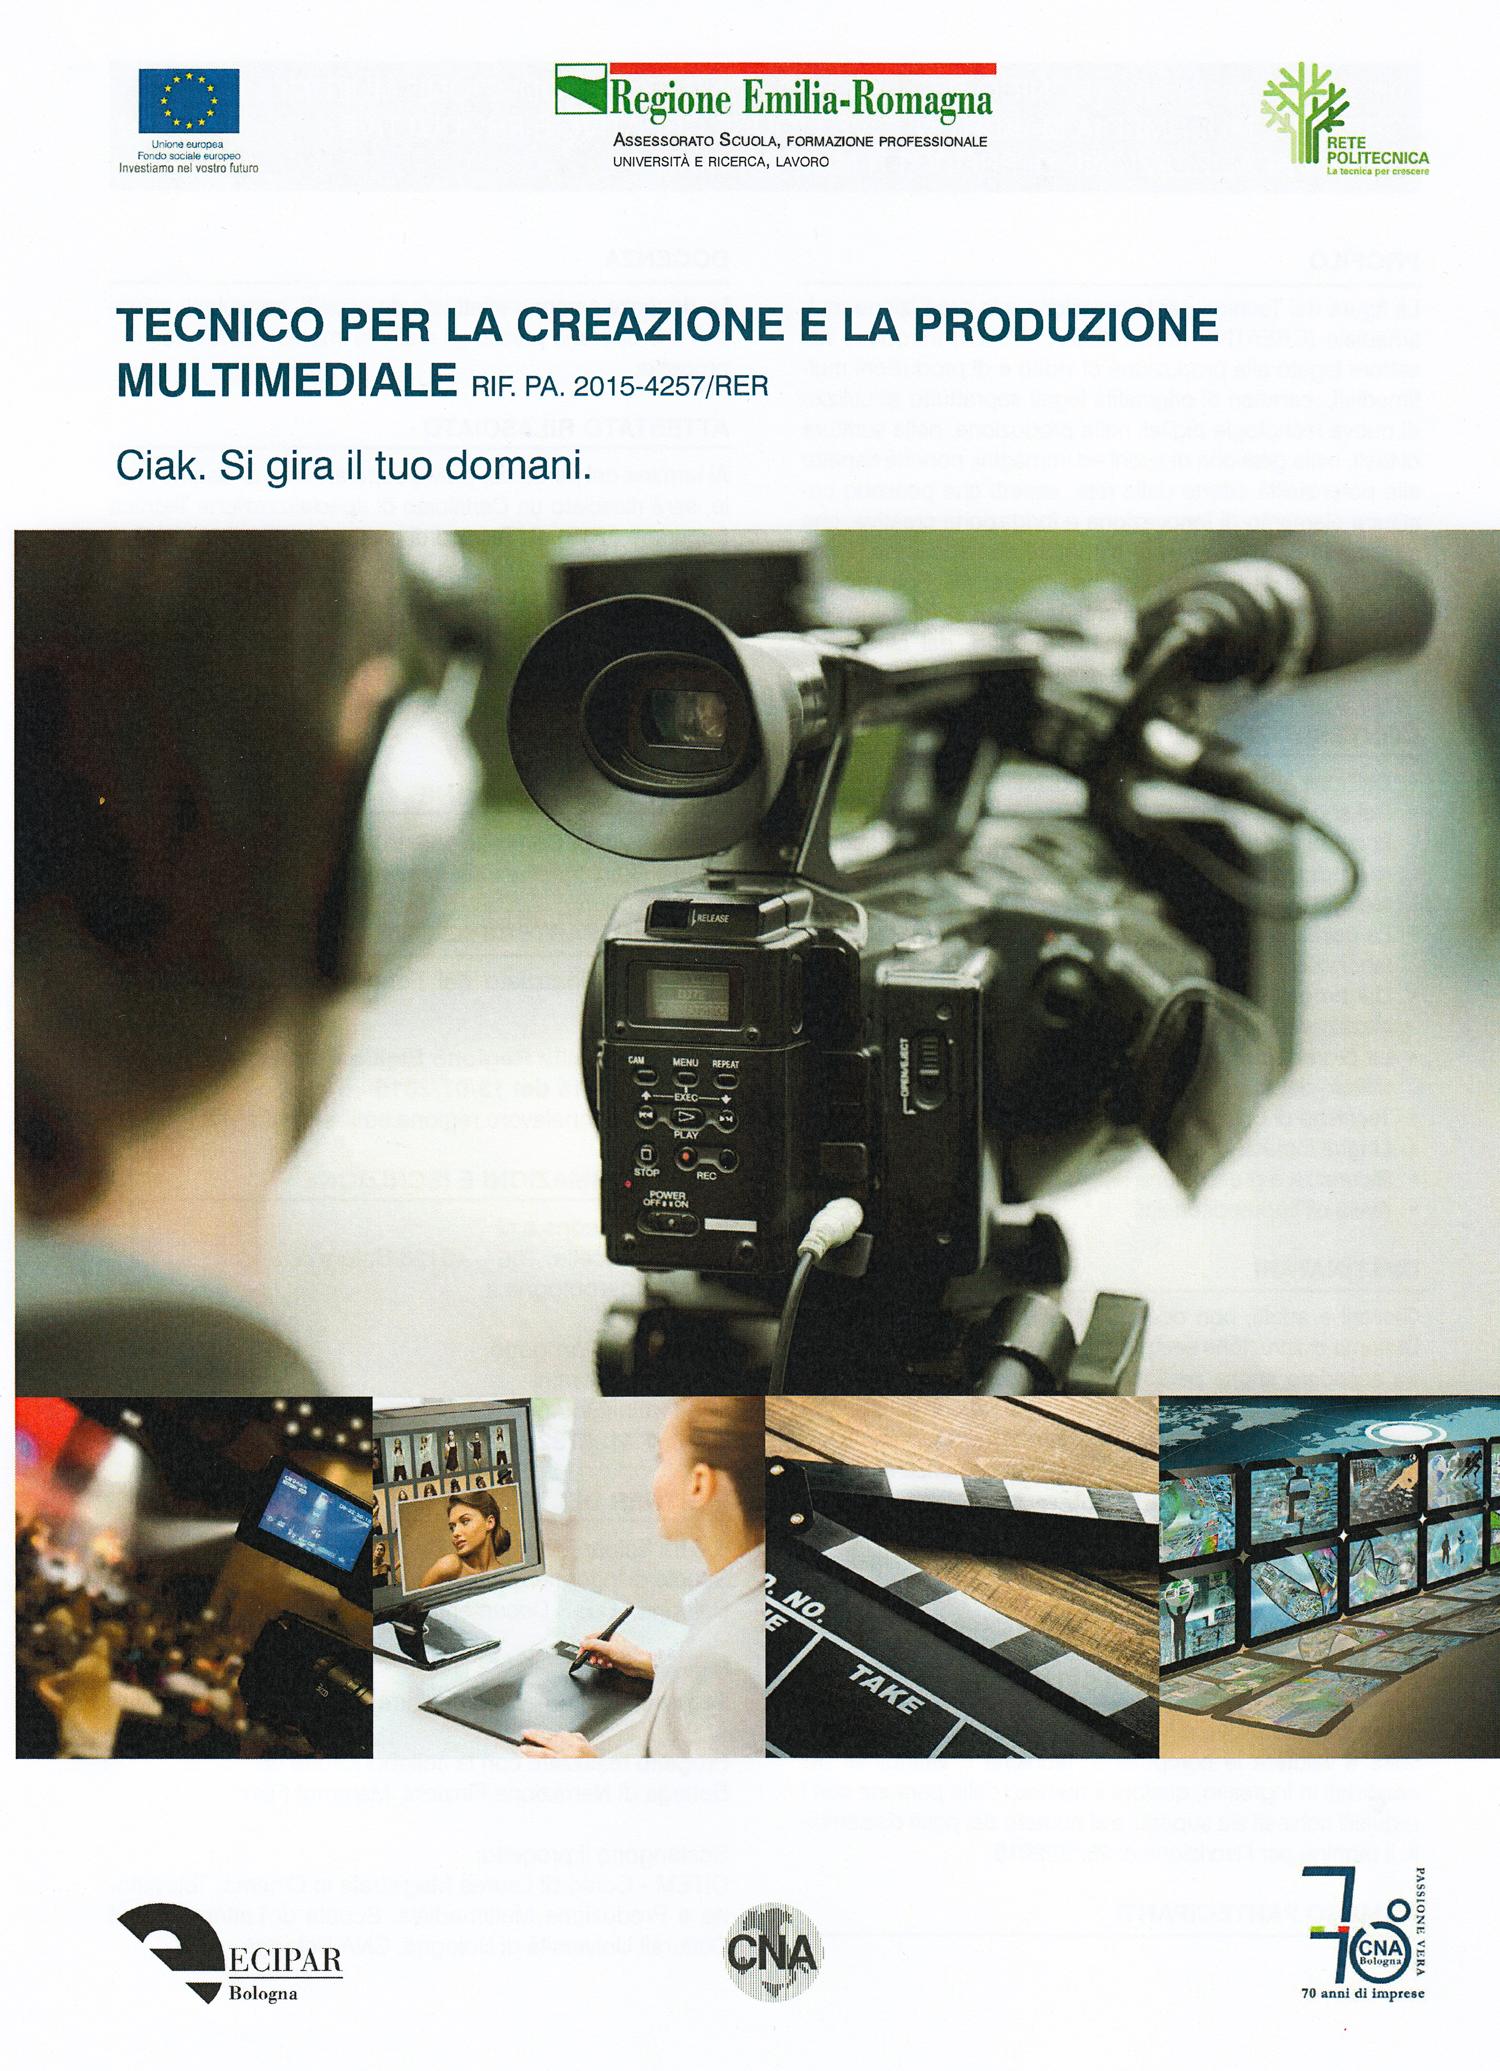 Project Management e Business Planning per i creativi del multimedia